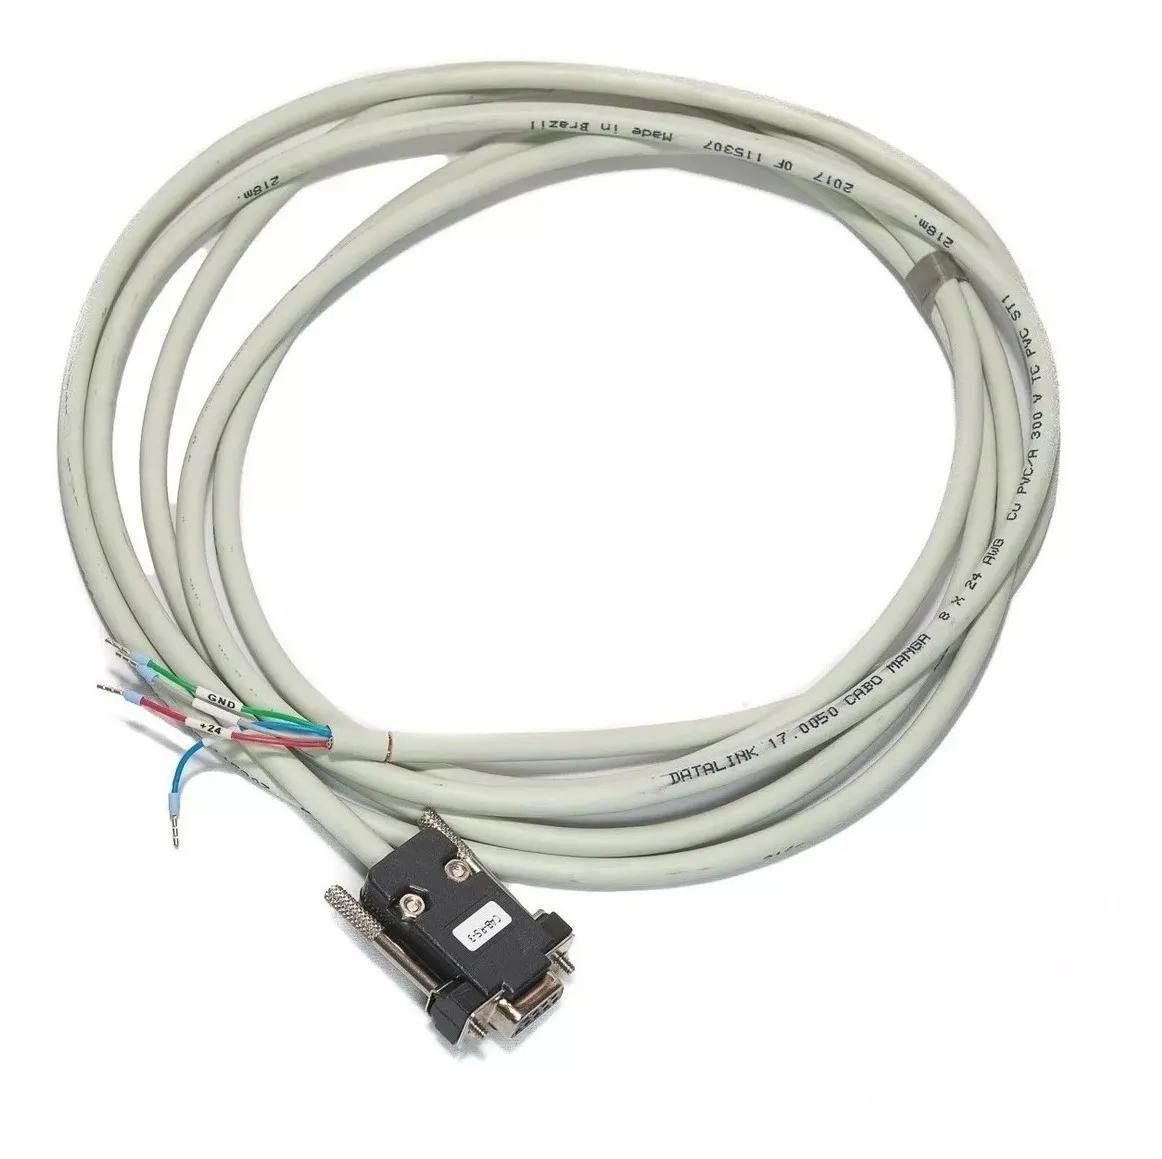 CJ CABO HMI CFW500-CCHMIR02M